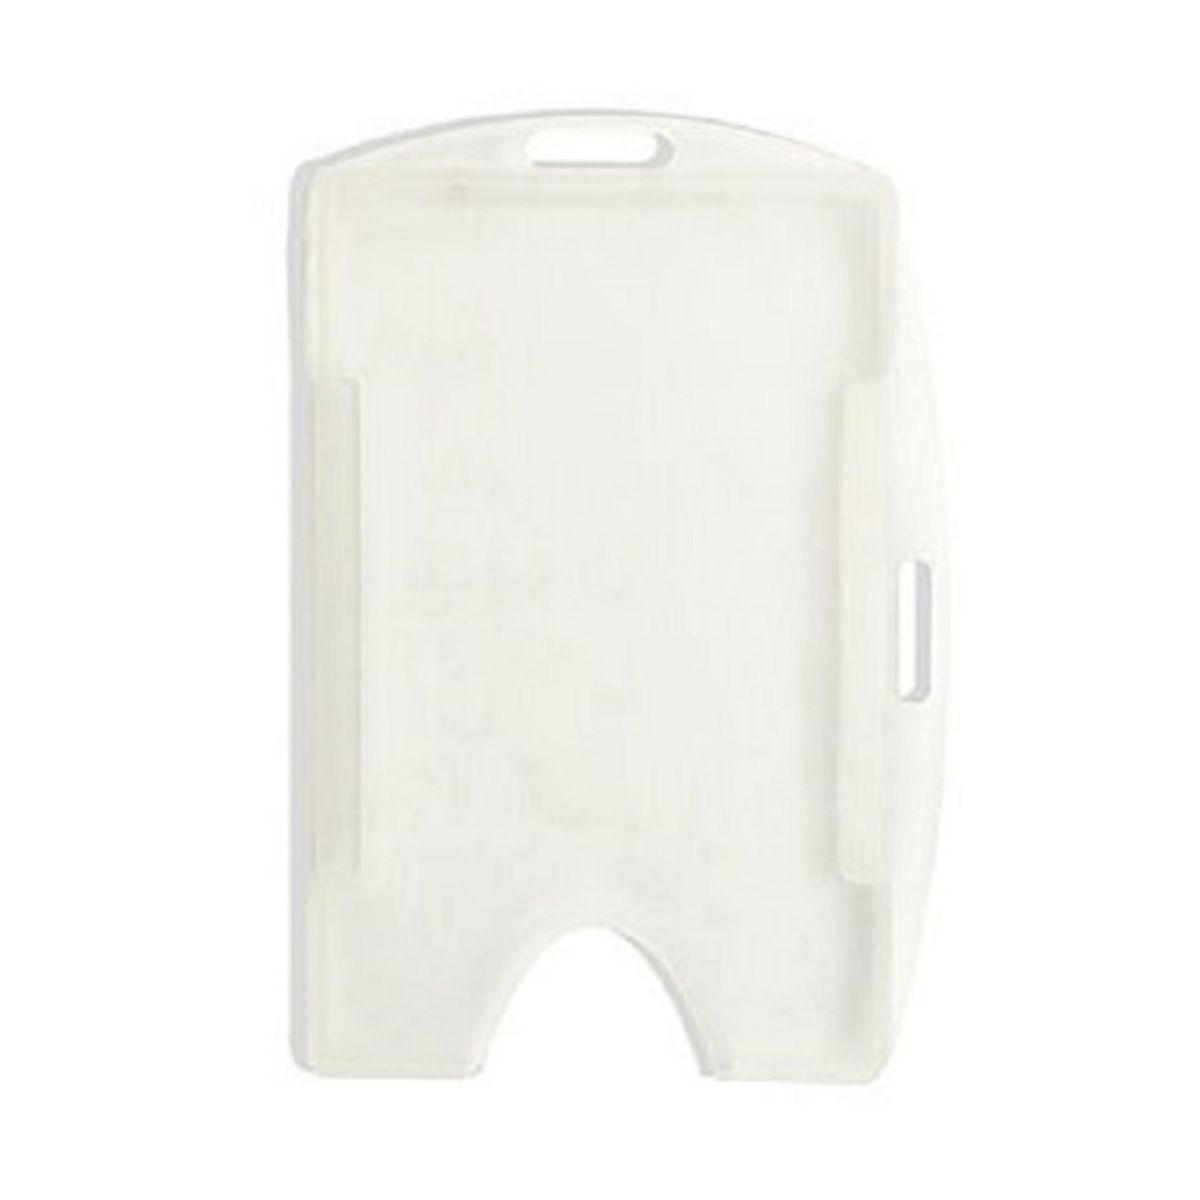 Porta Crachá Rígido M3 Conjugado Branco - Caixa com 100 unidades  - Click Suprimentos